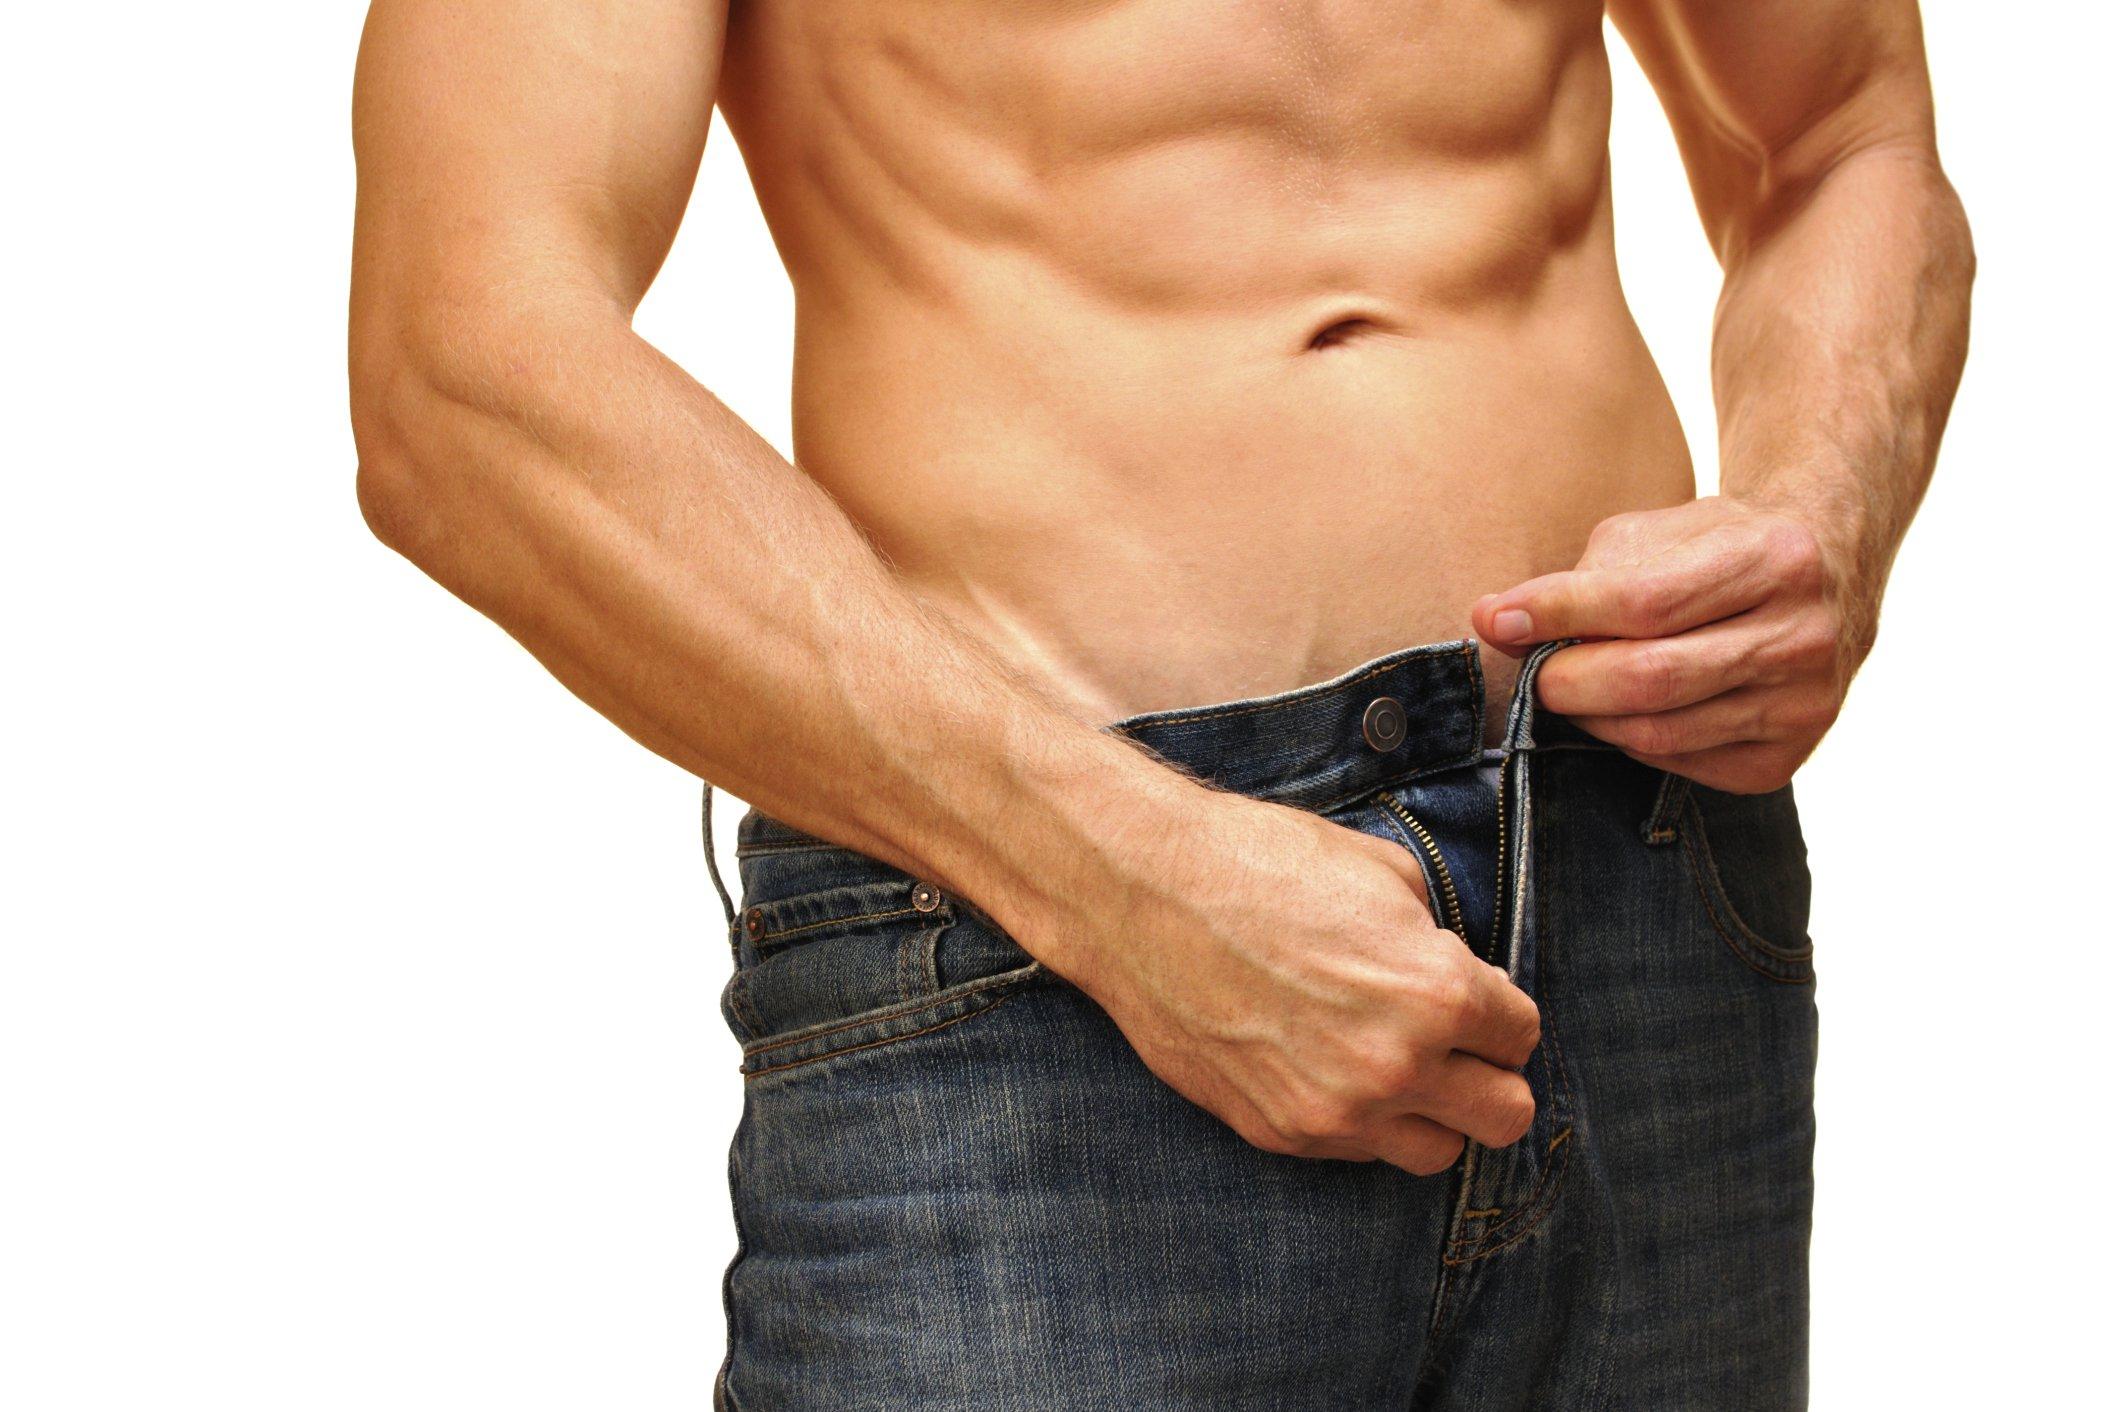 erekció gyors kezelés csökkentse a pénisz érzékenységét